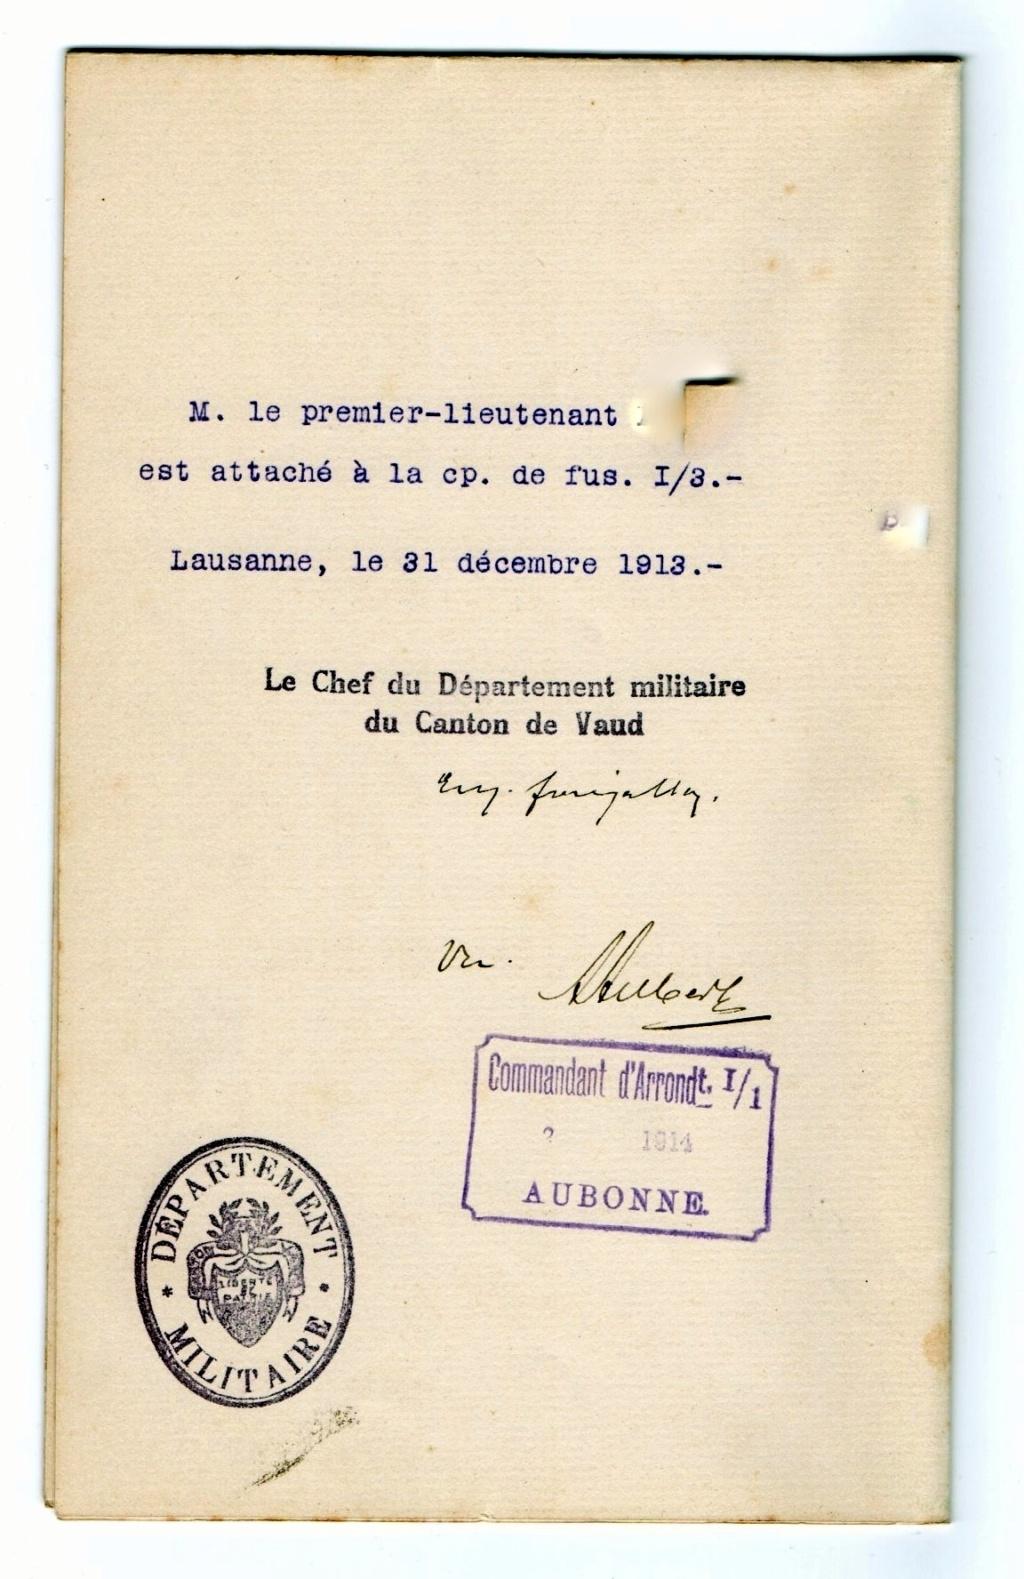 Brevet Officier Suisse Img20244